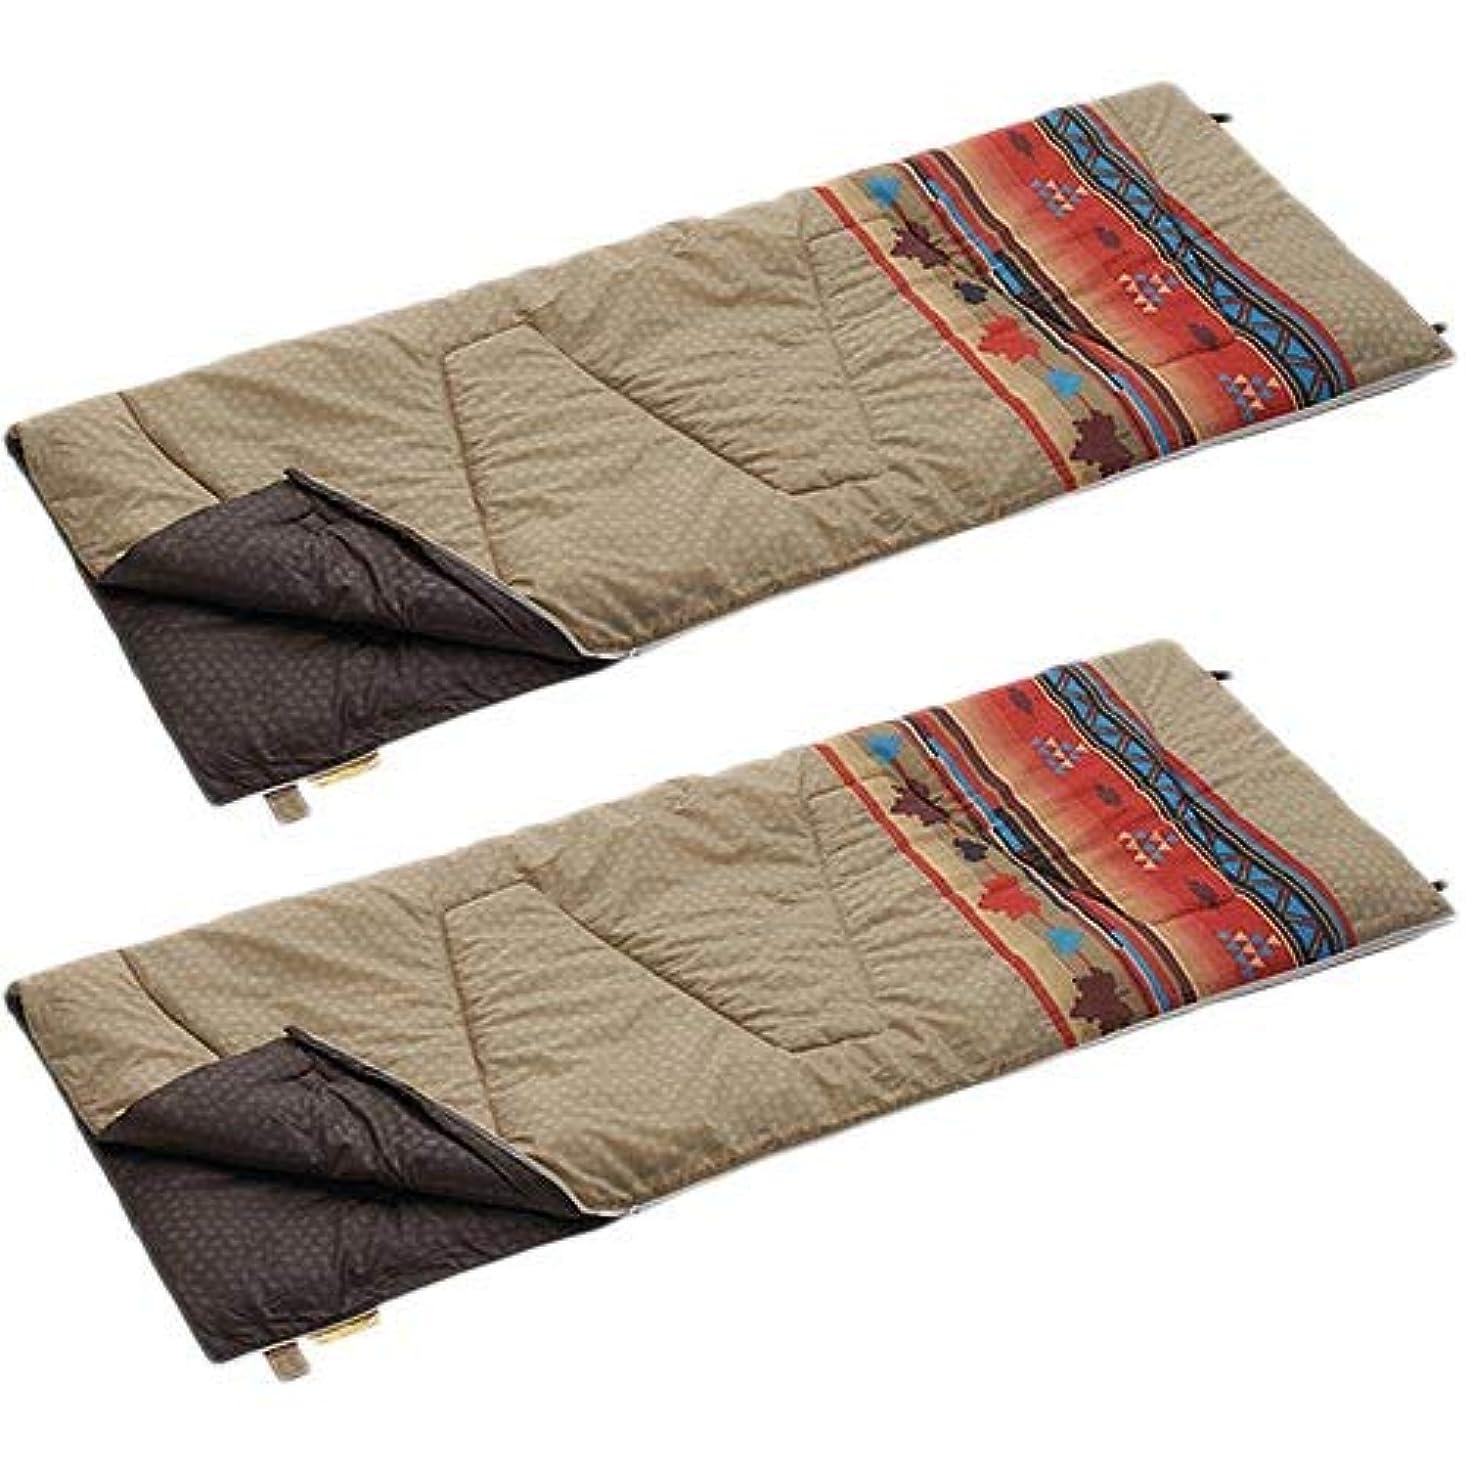 鋼松の木公平[ロゴス] キャンプ 丸洗い寝袋 ファミリー10 ナバホ 72600641 2点セット R12AI003